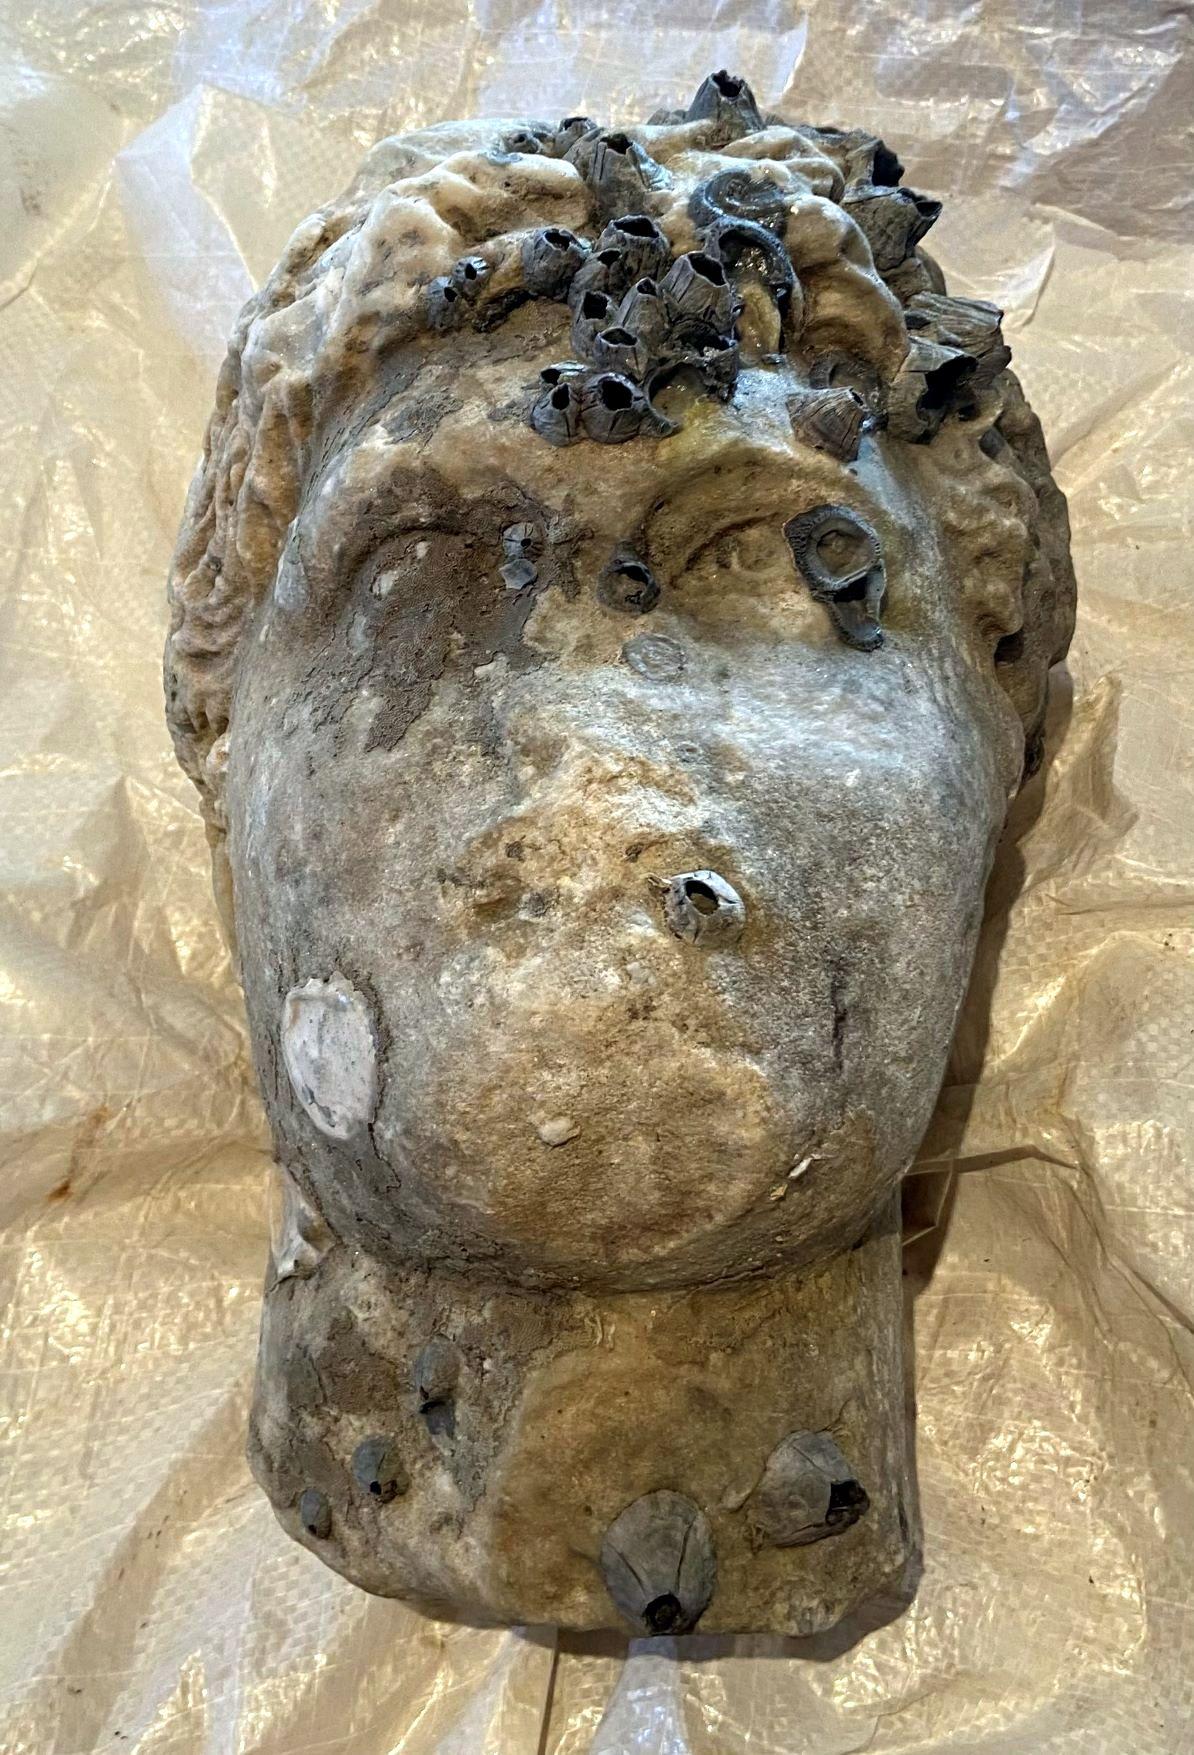 Μια αρχαία κεφαλή ανασύρθηκε από την θάλασσα της Πρέβεζας